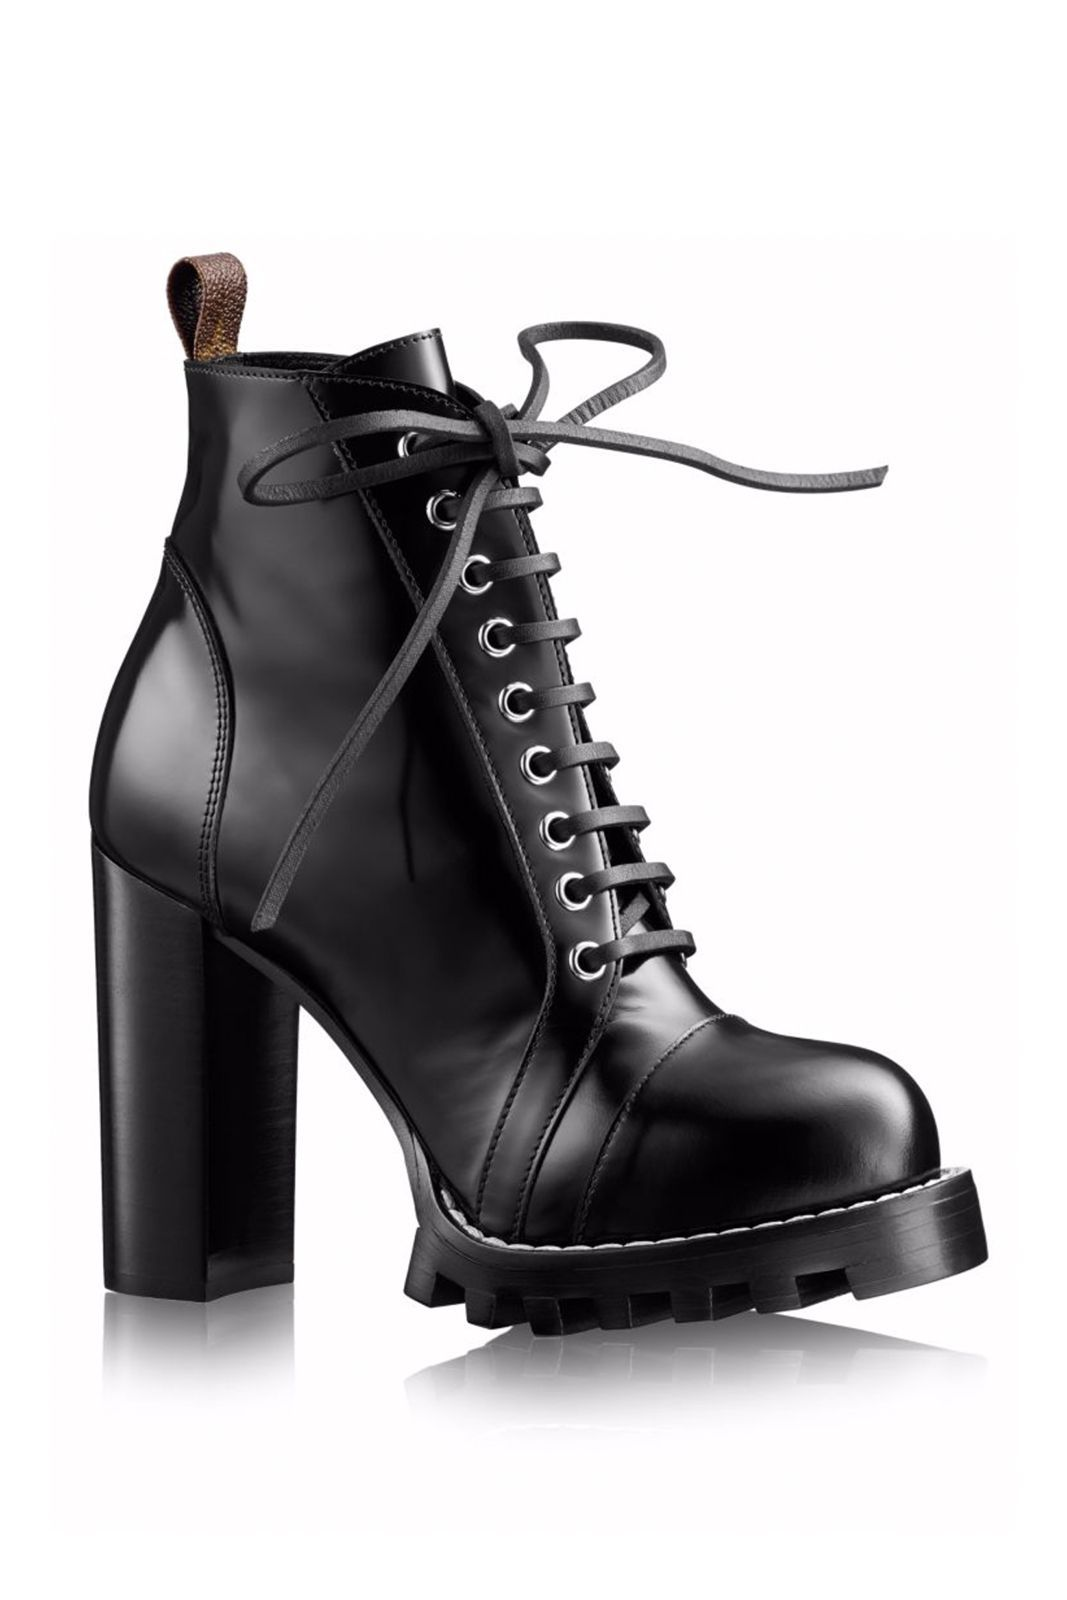 3228e2c8e50b Women s Boots - Best Ankle Boots 2016